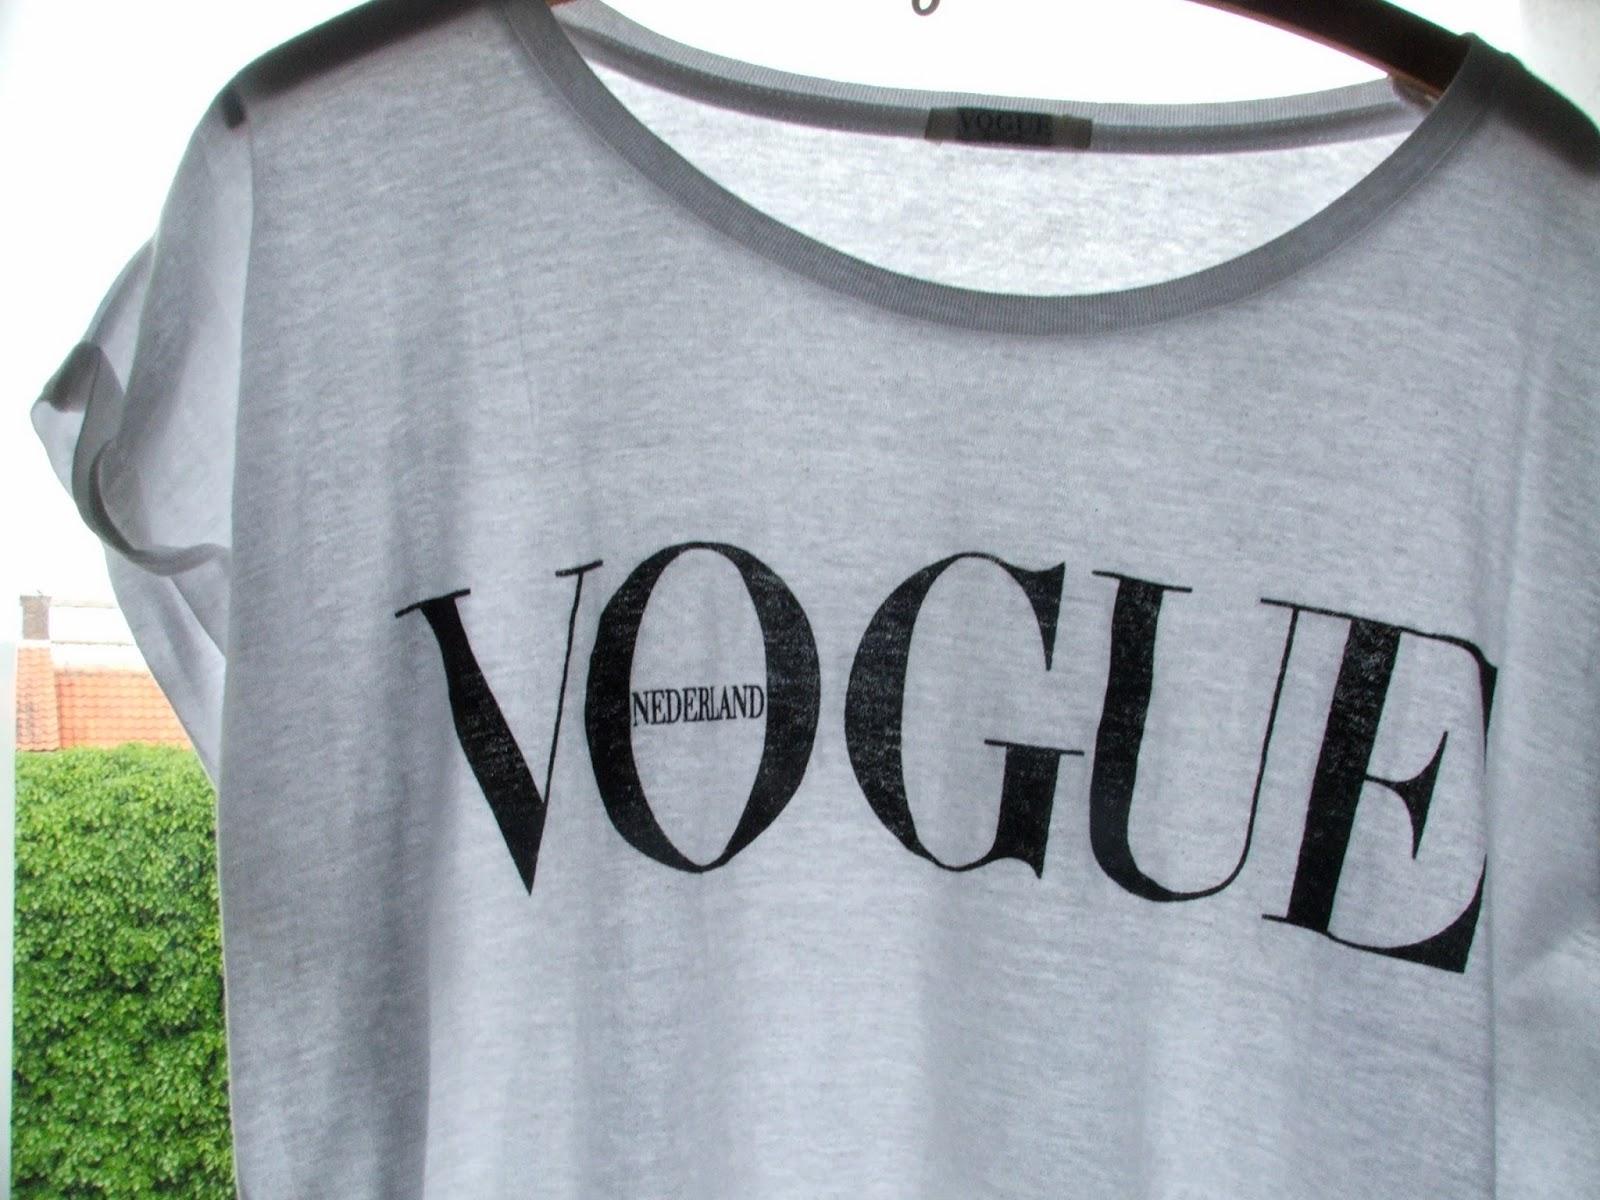 Vogue Sweater Online Kopen 101